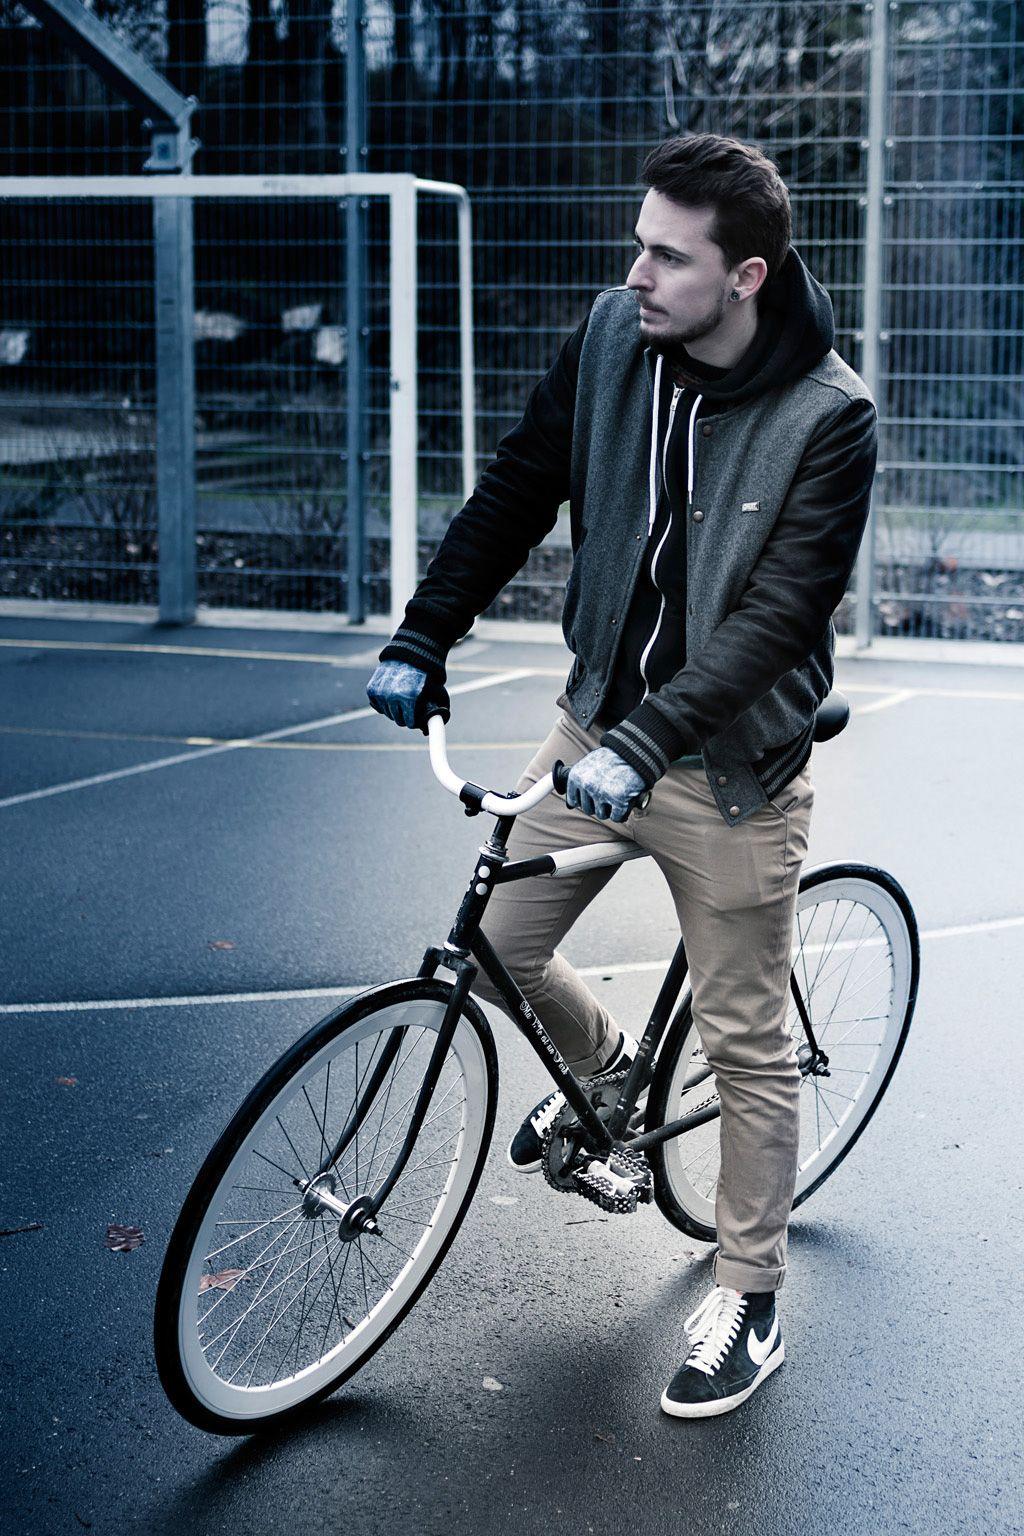 FST Handwear Collection Automne/Hiver 2012/2013  Modèle : Ride or Die  / Photo : Simon Baret